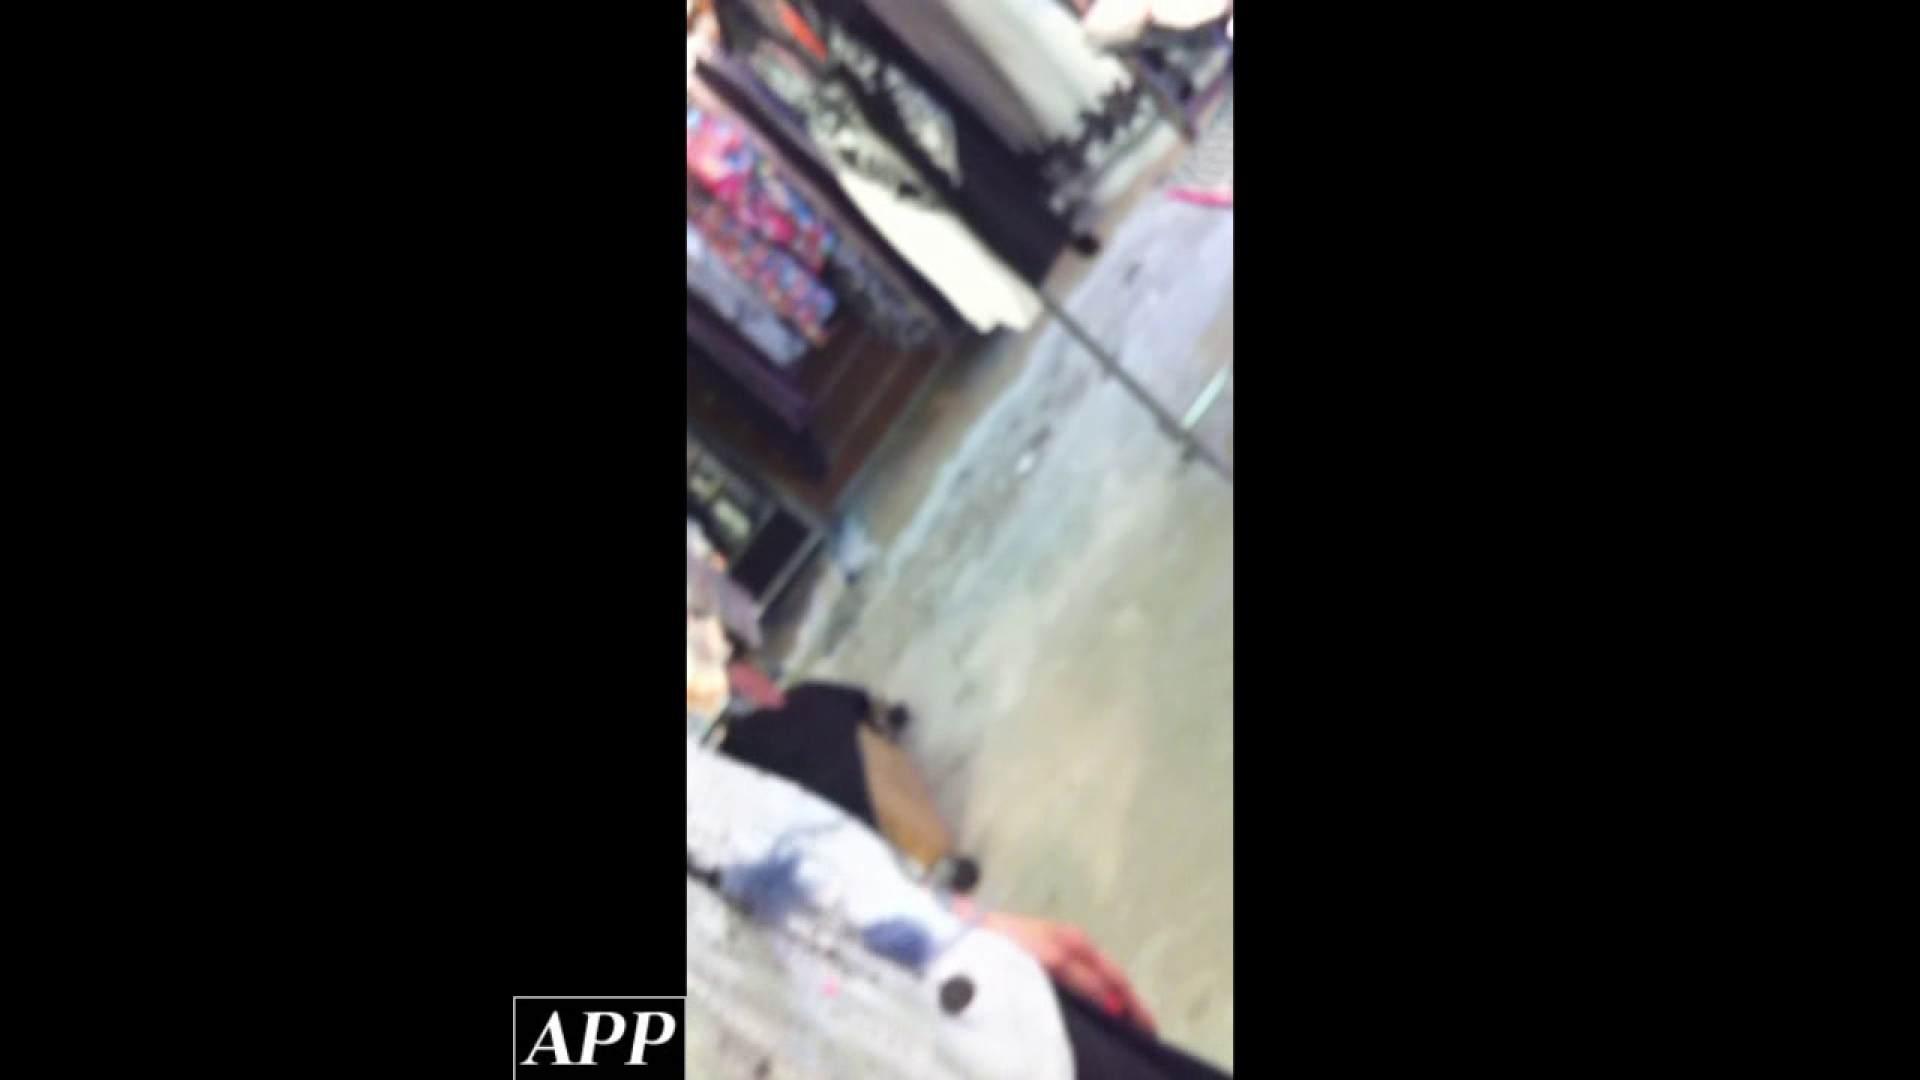 ハイビジョン盗撮!ショップ店員千人斬り!胸チラ編 vol.74 胸チラ エロ無料画像 93PIX 18